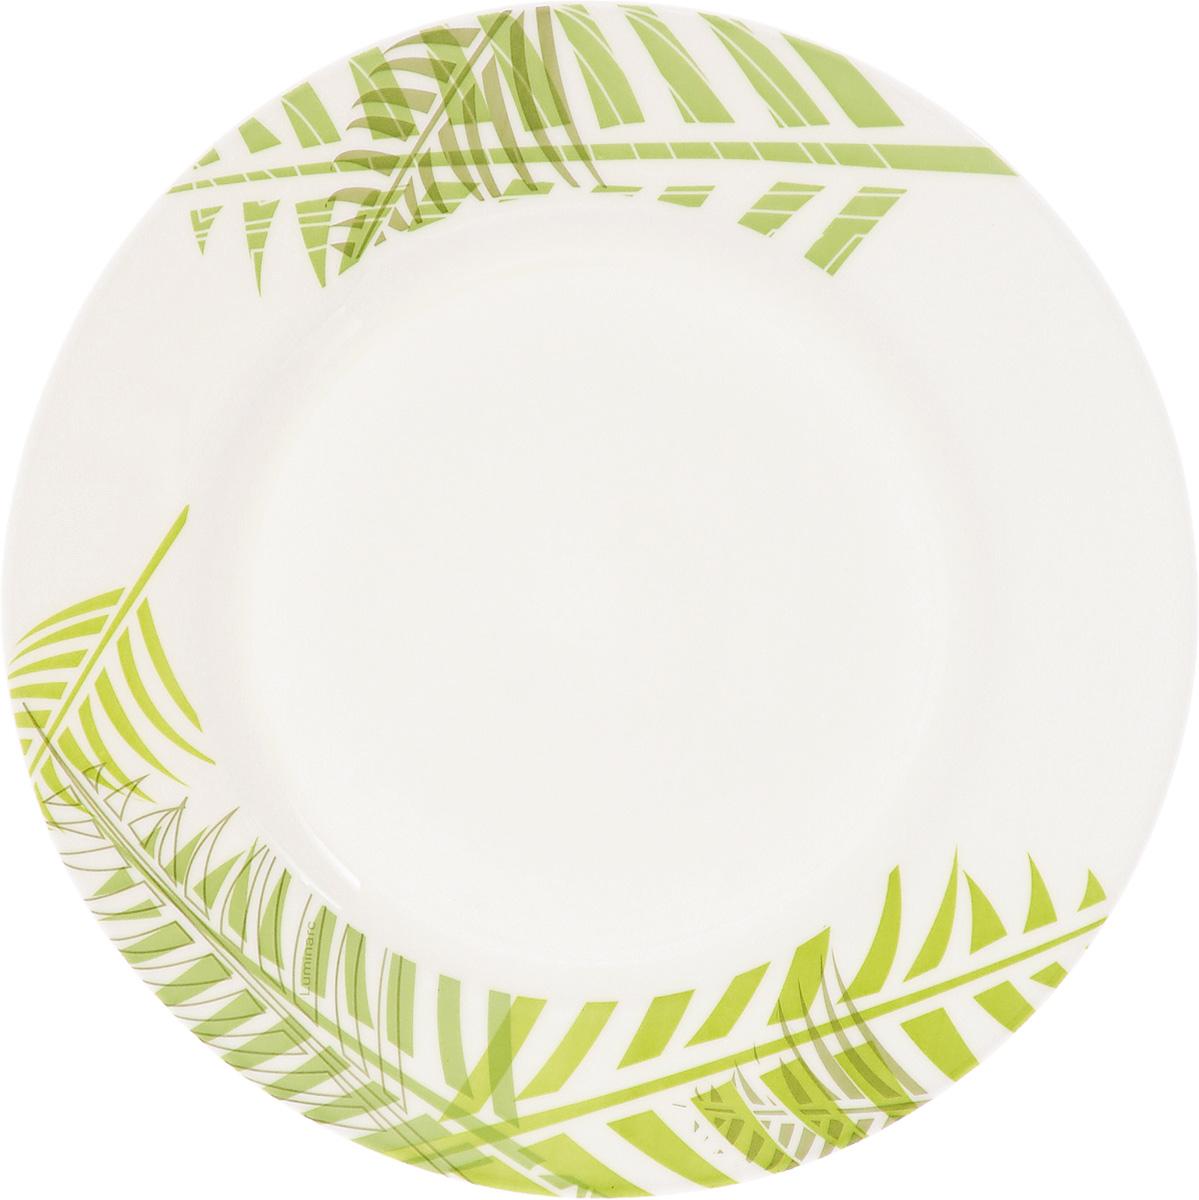 Тарелка десертная Luminarc Green Forest, диаметр 19 см54 009312Десертная тарелка Luminarc Green Forest, изготовленная из ударопрочного стекла, имеет изысканный внешний вид. Такая тарелка прекрасно подходит как для торжественных случаев, так и для повседневного использования. Идеальна для подачи десертов, пирожных, тортов и многого другого. Она прекрасно оформит стол и станет отличным дополнением к вашей коллекции кухонной посуды. Диаметр тарелки (по верхнему краю): 19 см. Высота тарелки: 1,5 см.